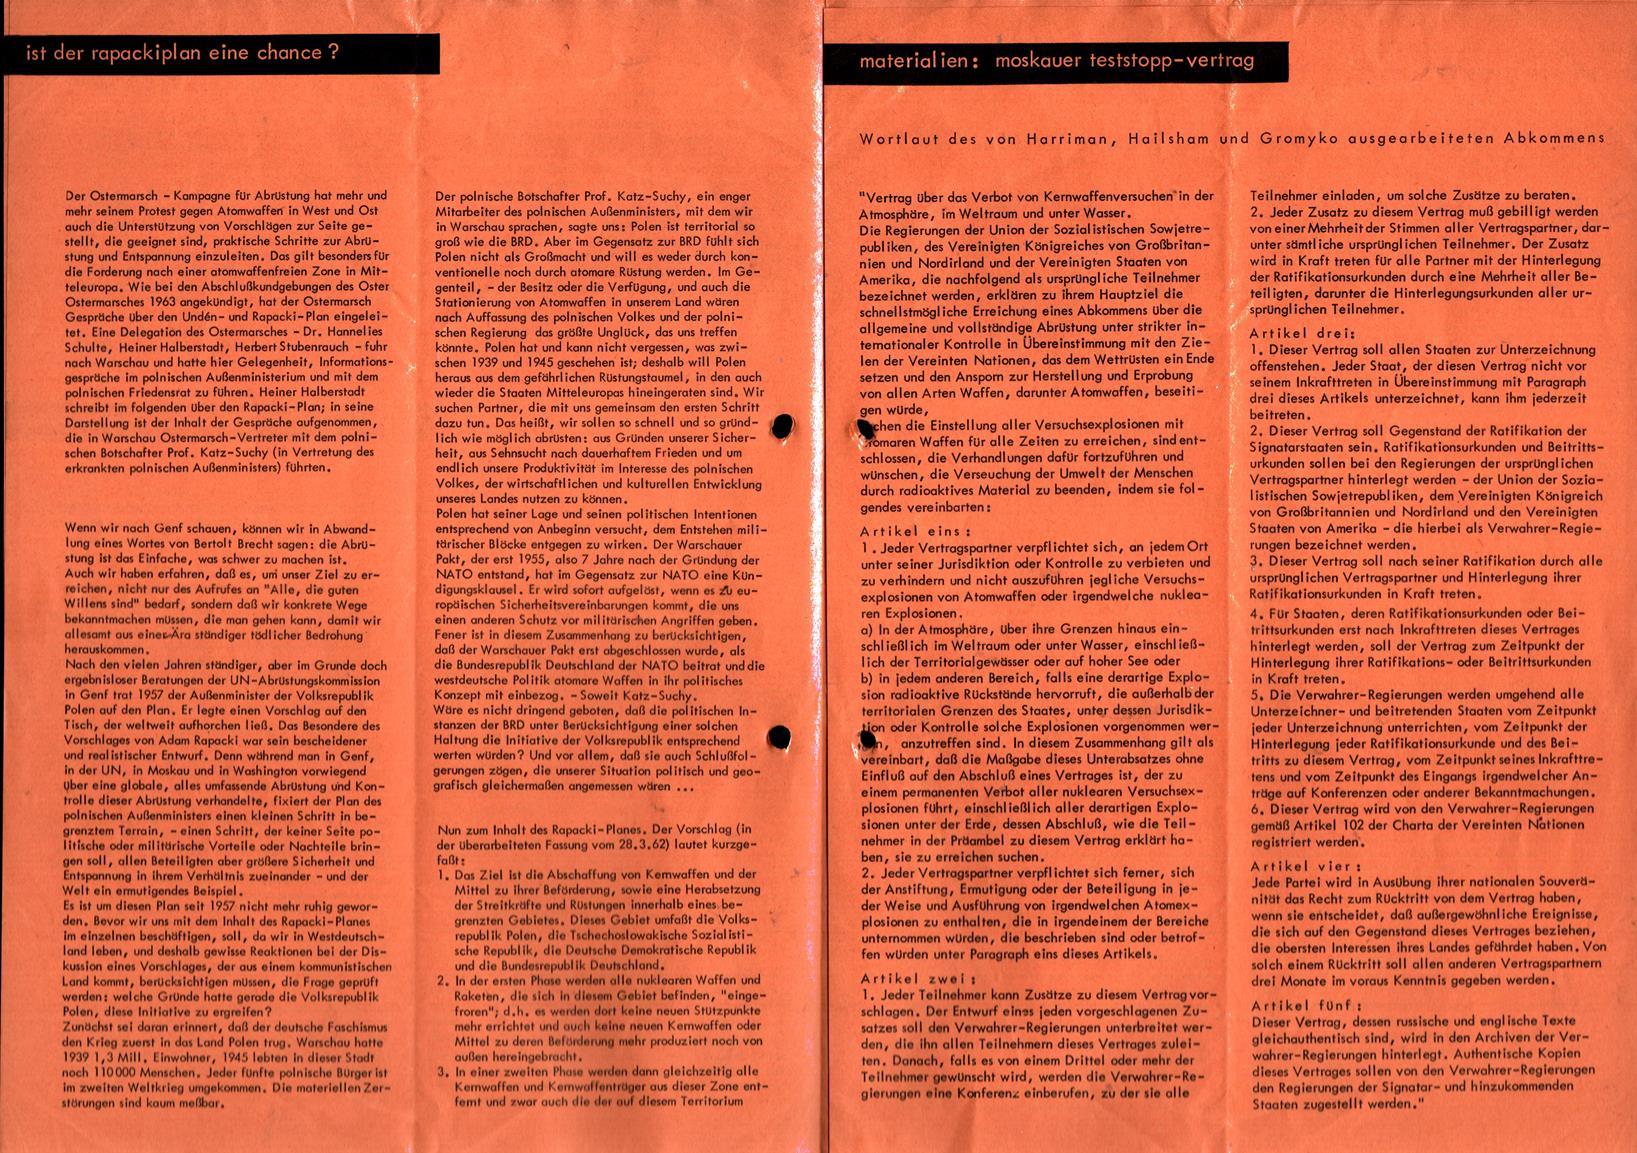 Infos_zur_Abruestung_1963_002_003